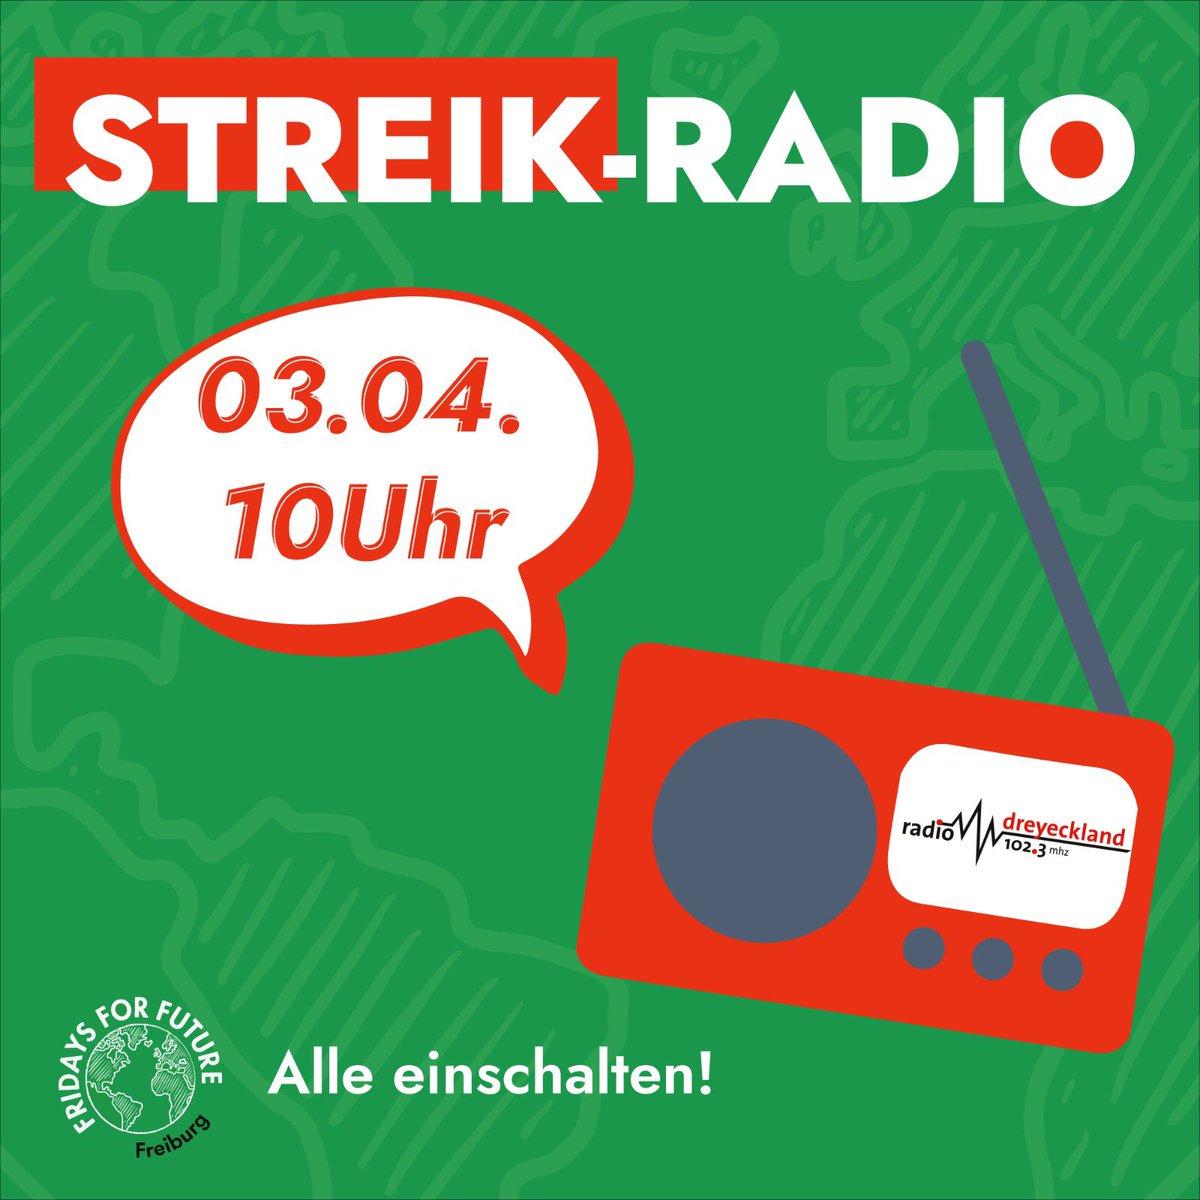 Unser Alternativprogramm für den 3.4! Unbedingt einschalten!! Schreibt bitte unter den Beitrag eure Fragen, Quarantäne-Tipps, Lieblings-Demosprüche, Feedback und was euch noch so einfällt #FridaysForFuture #Freiburg #stayhomepic.twitter.com/k3jRr8el8V